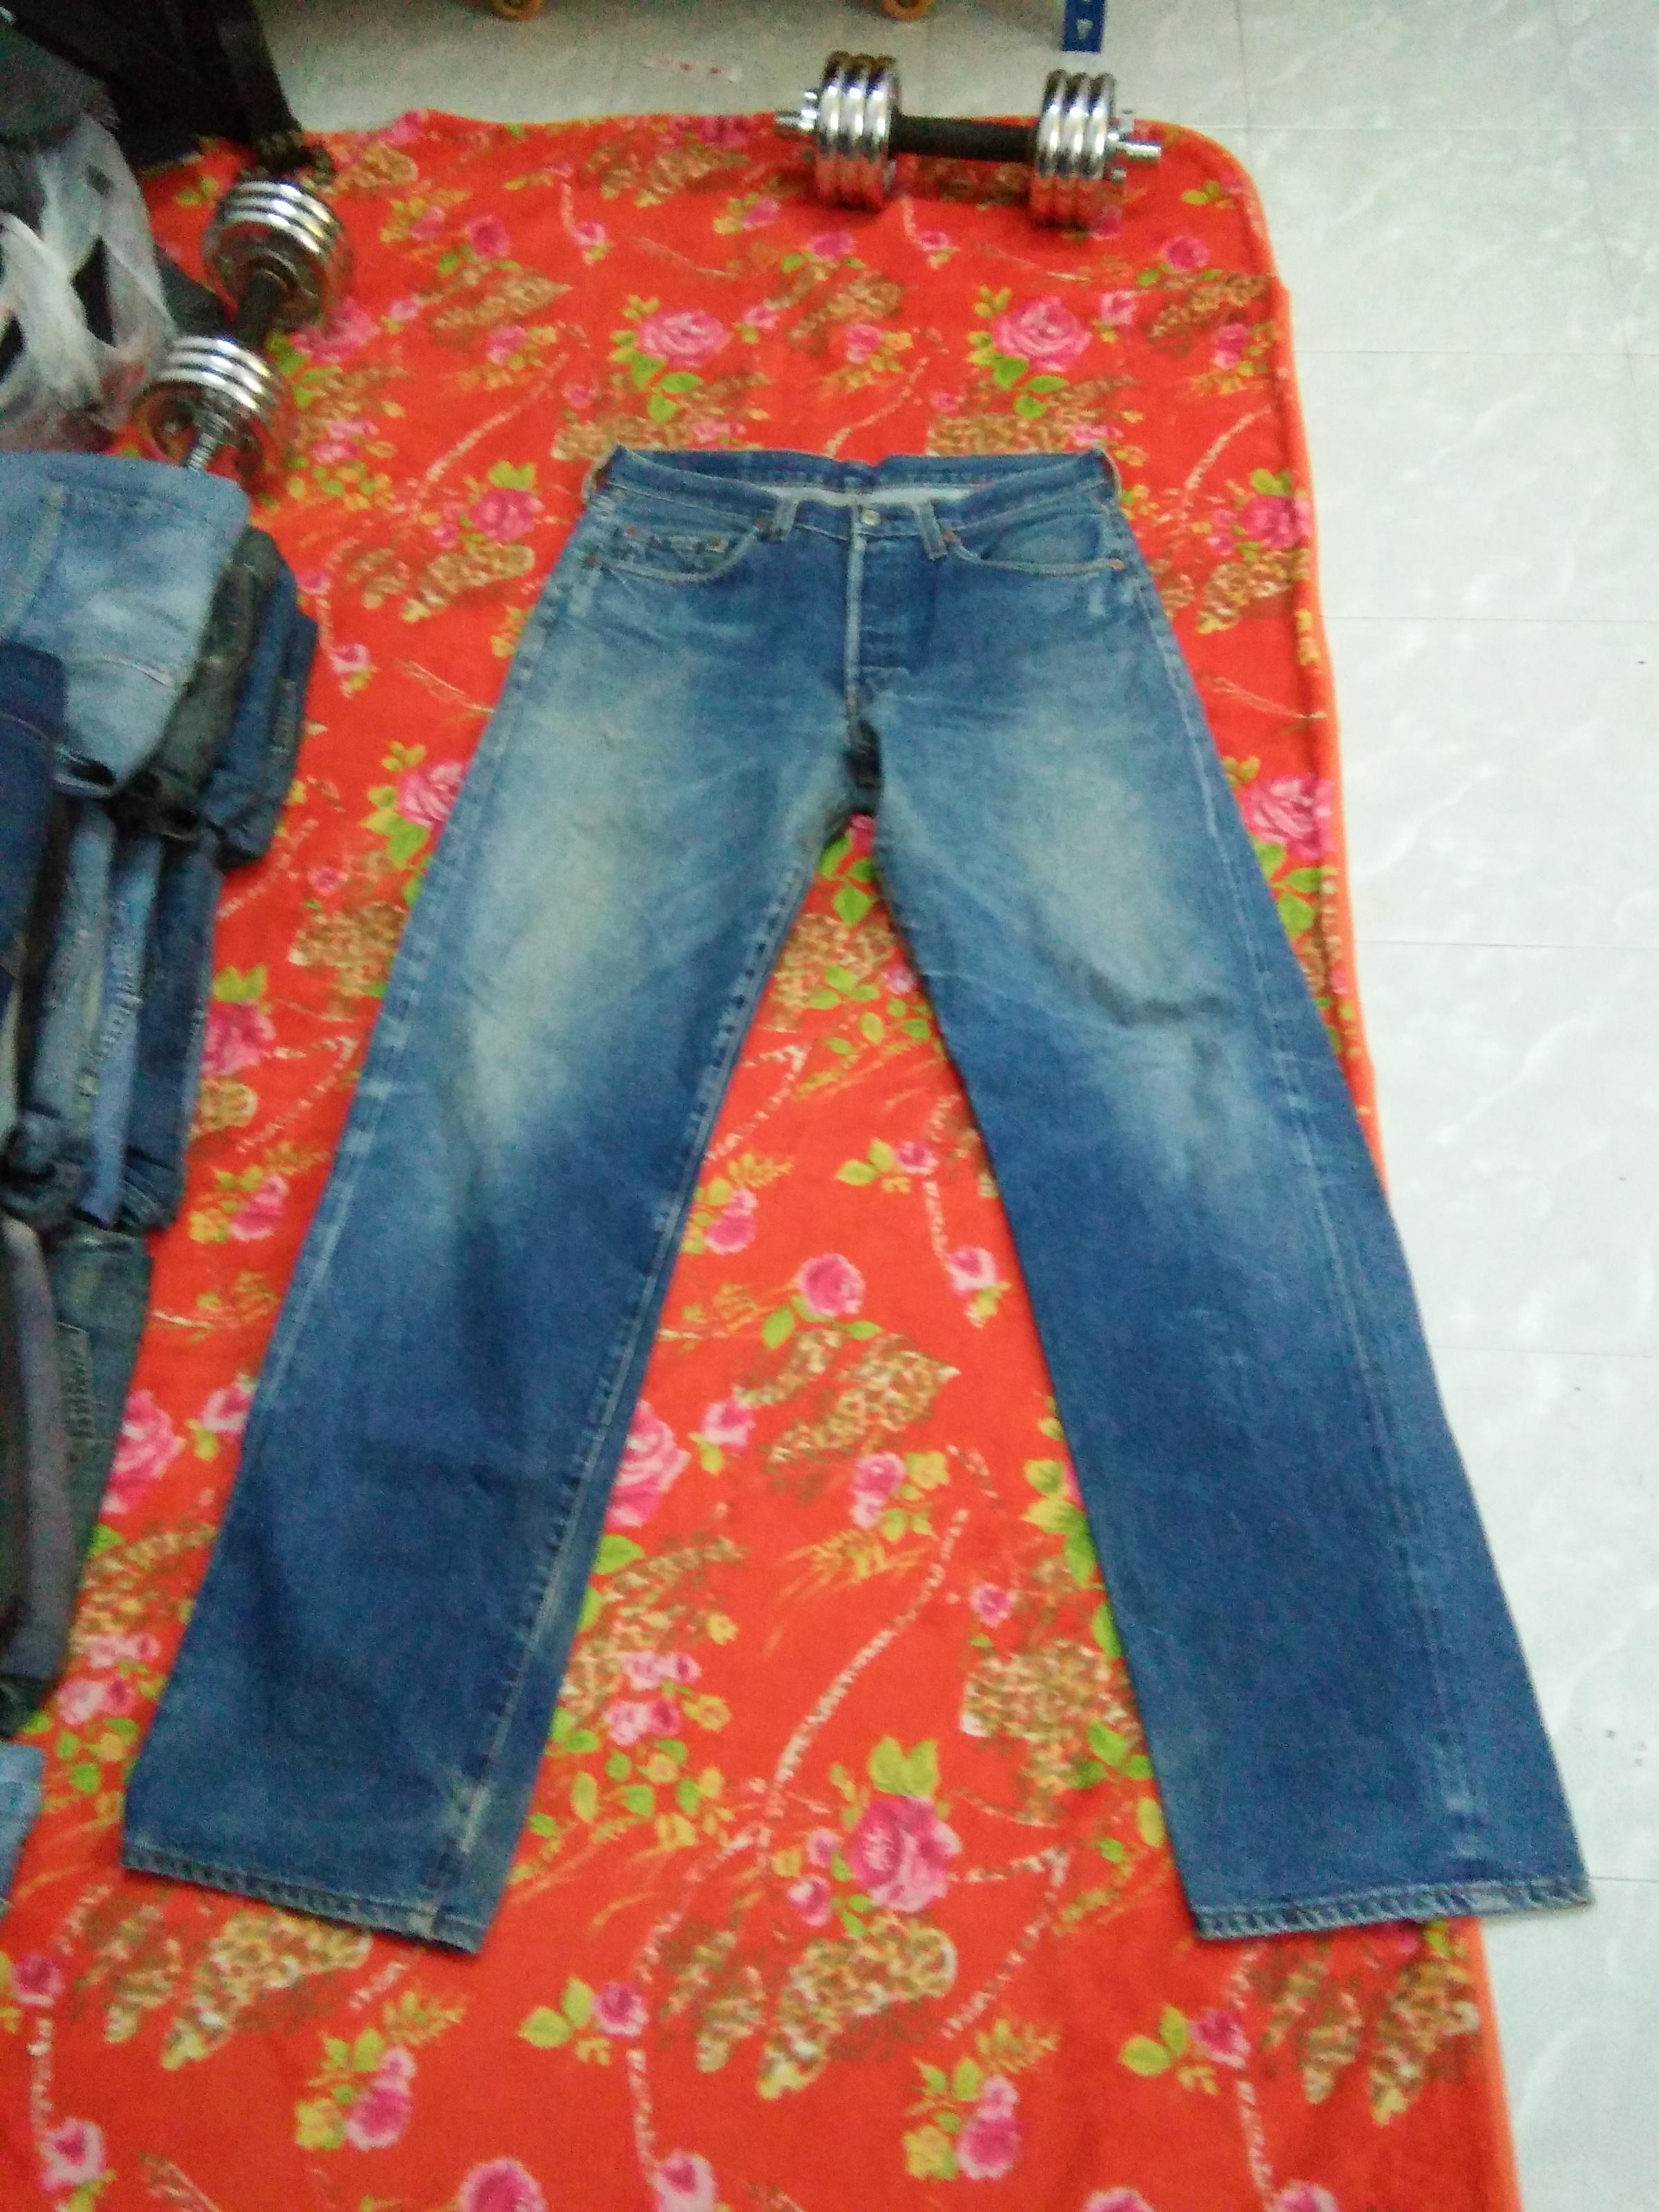 bb923498398 Levi's Vintage Levis 501 Jeans Selvedge Big E Button #555 Usa Waist ...